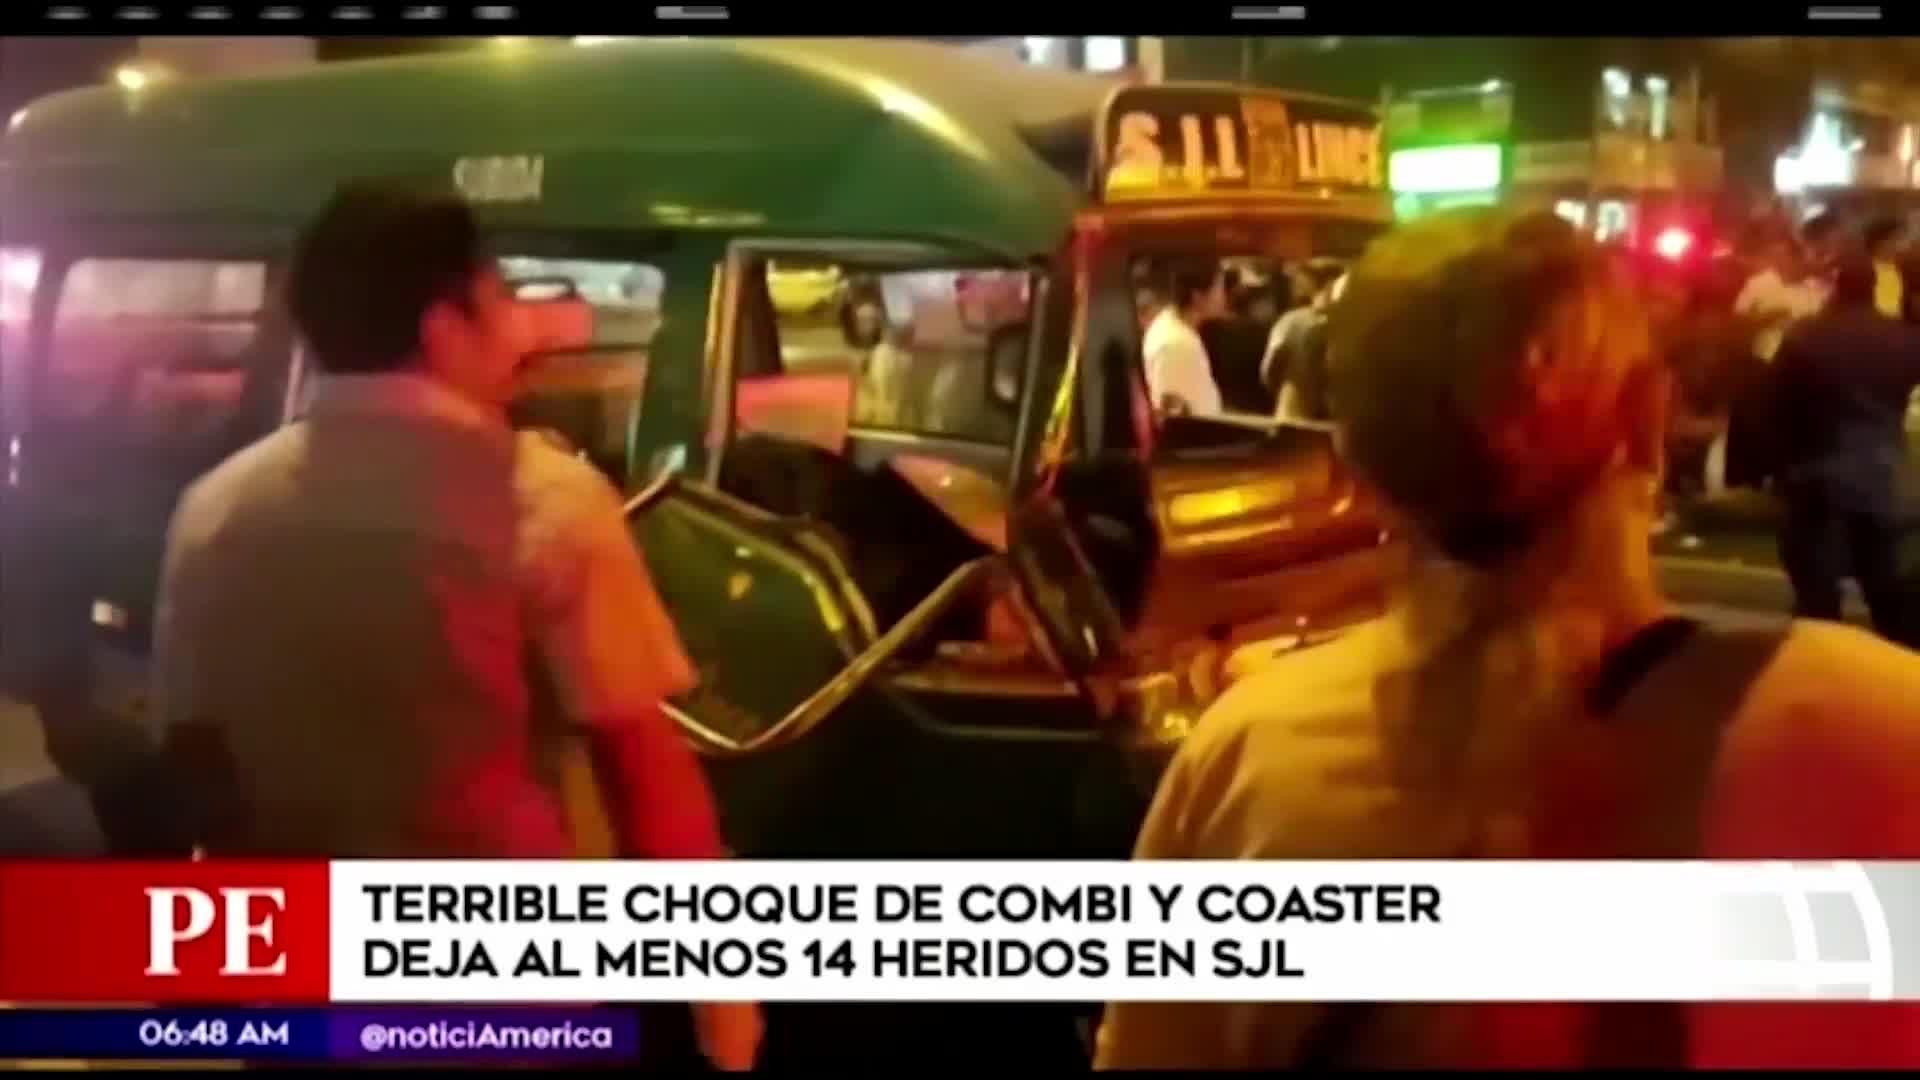 SJL: 14 heridos deja aparatoso choque entre combi y coaster